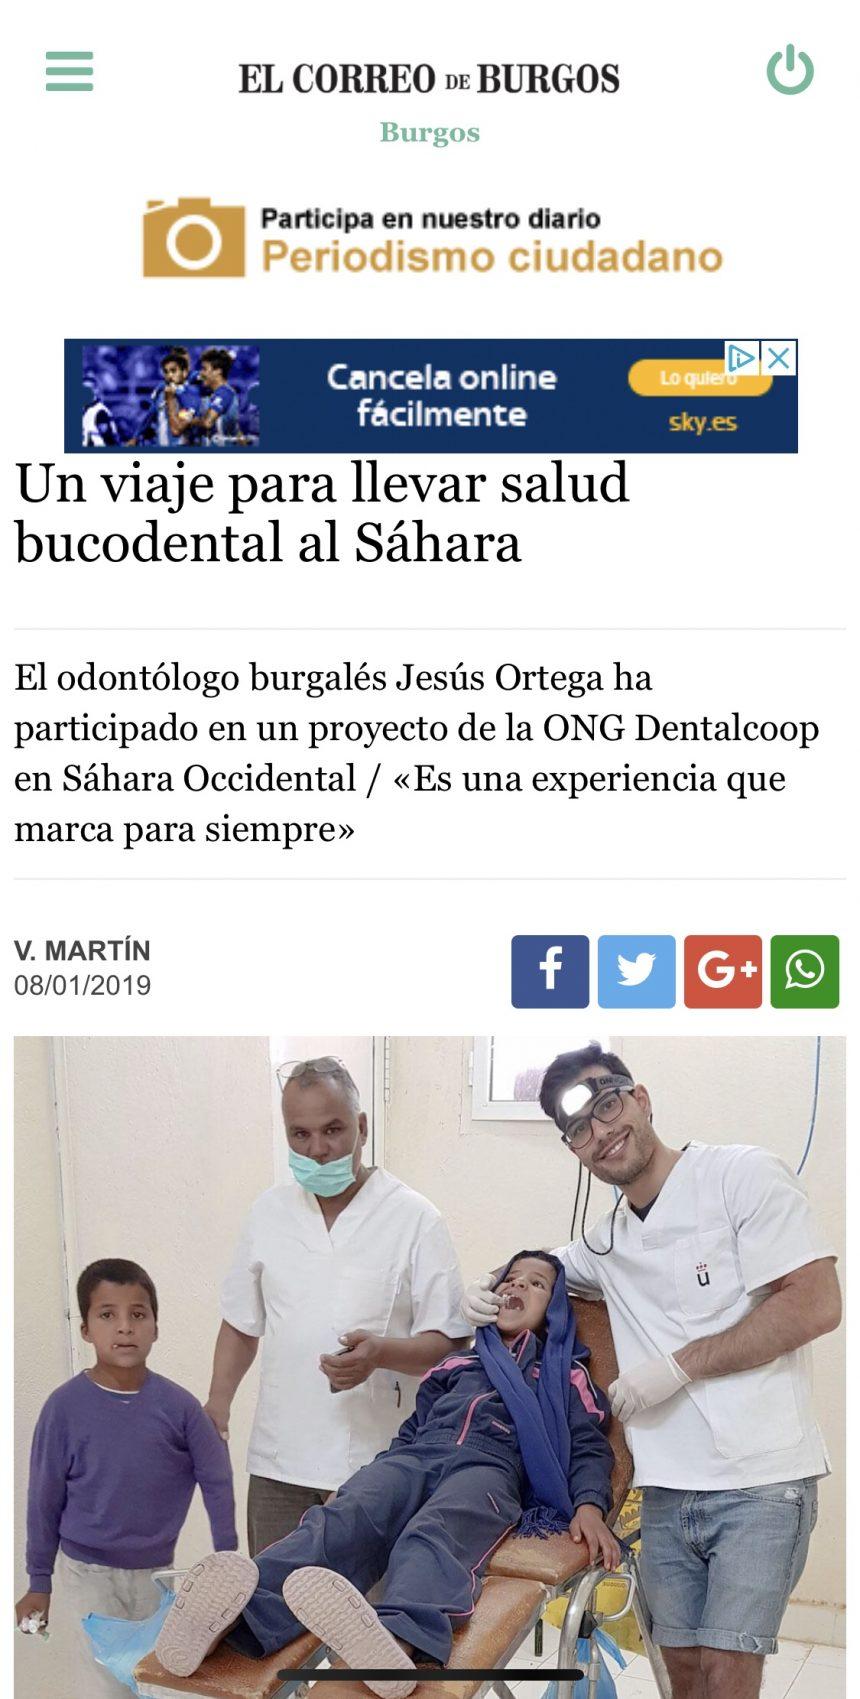 Un viaje para llevar salud bucodental al Sáhara – Burgos – El Correo de Burgos